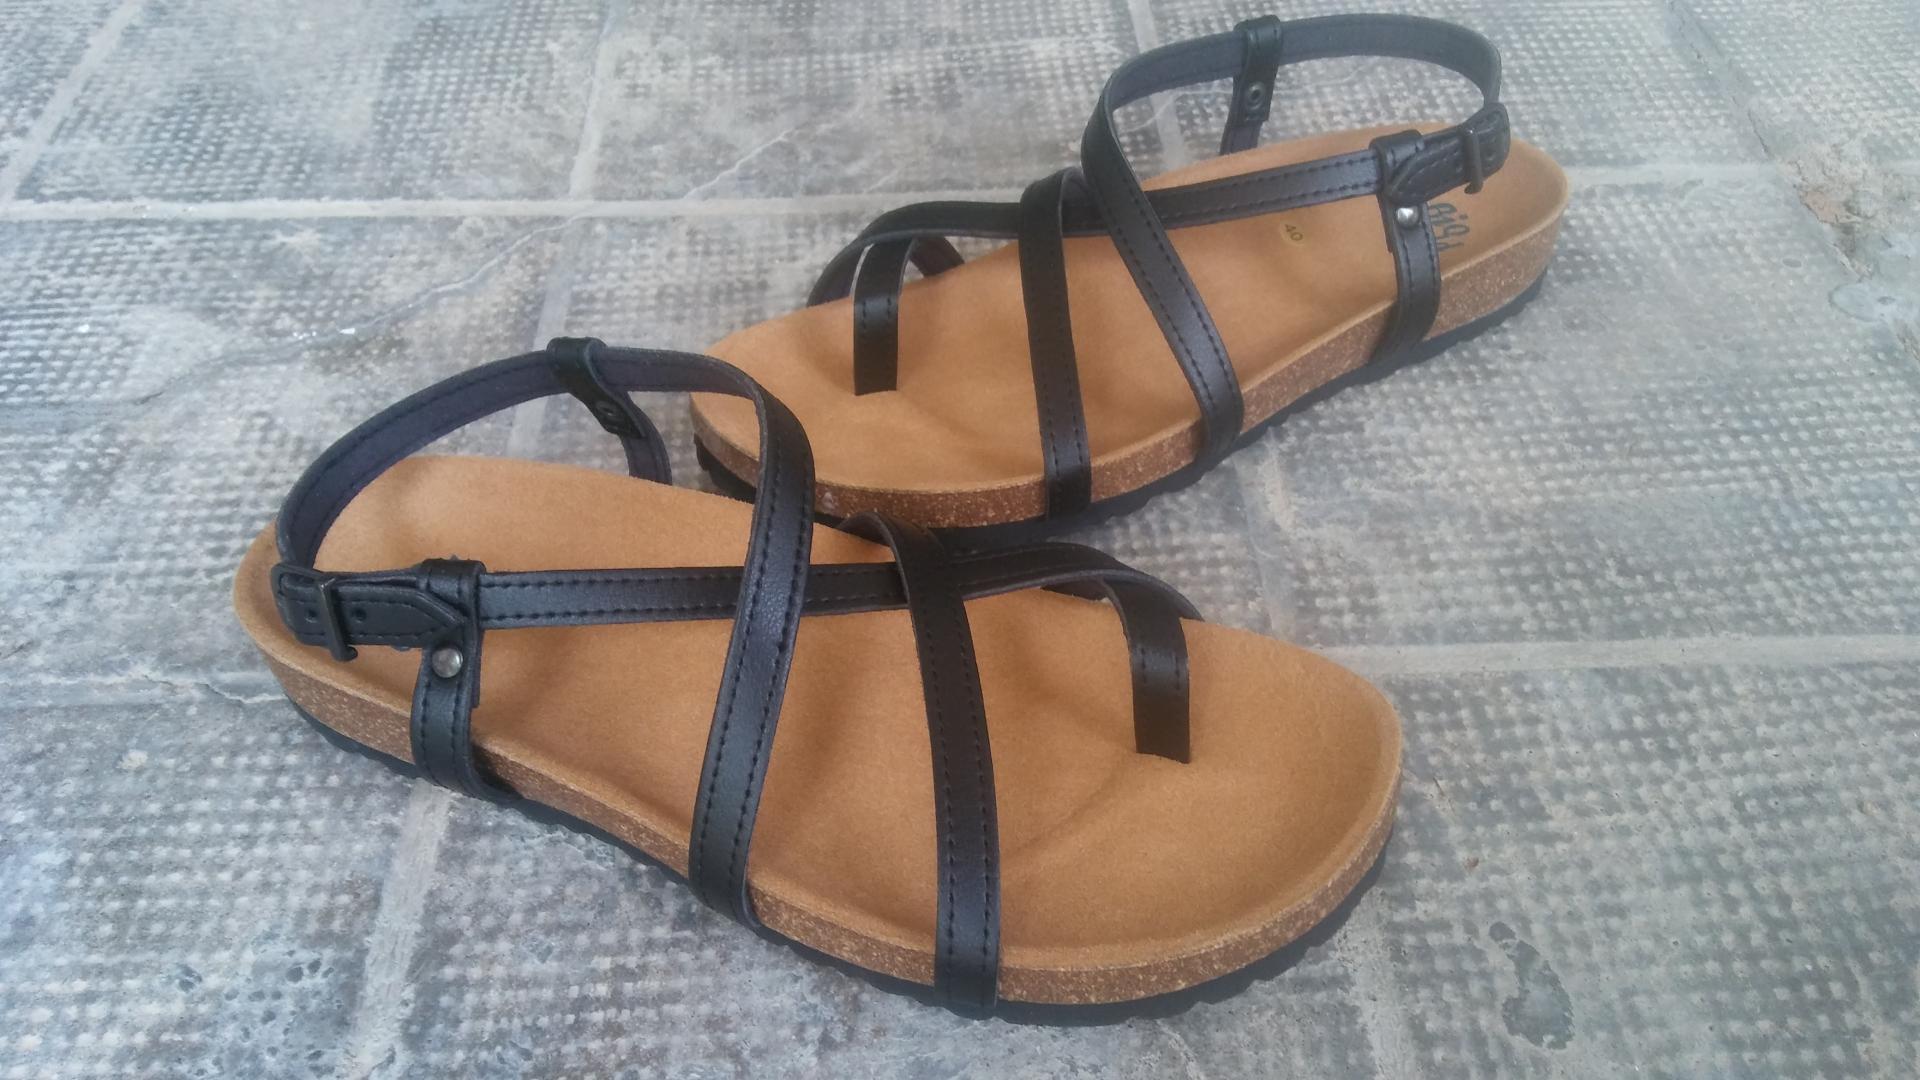 HECTOR NEGRO, sandalias veganas, sandalias veganas mujer, calzado vegano, sandalias de tacón bajo, sandalias bioworld, vegan shoes, sandalias negras.